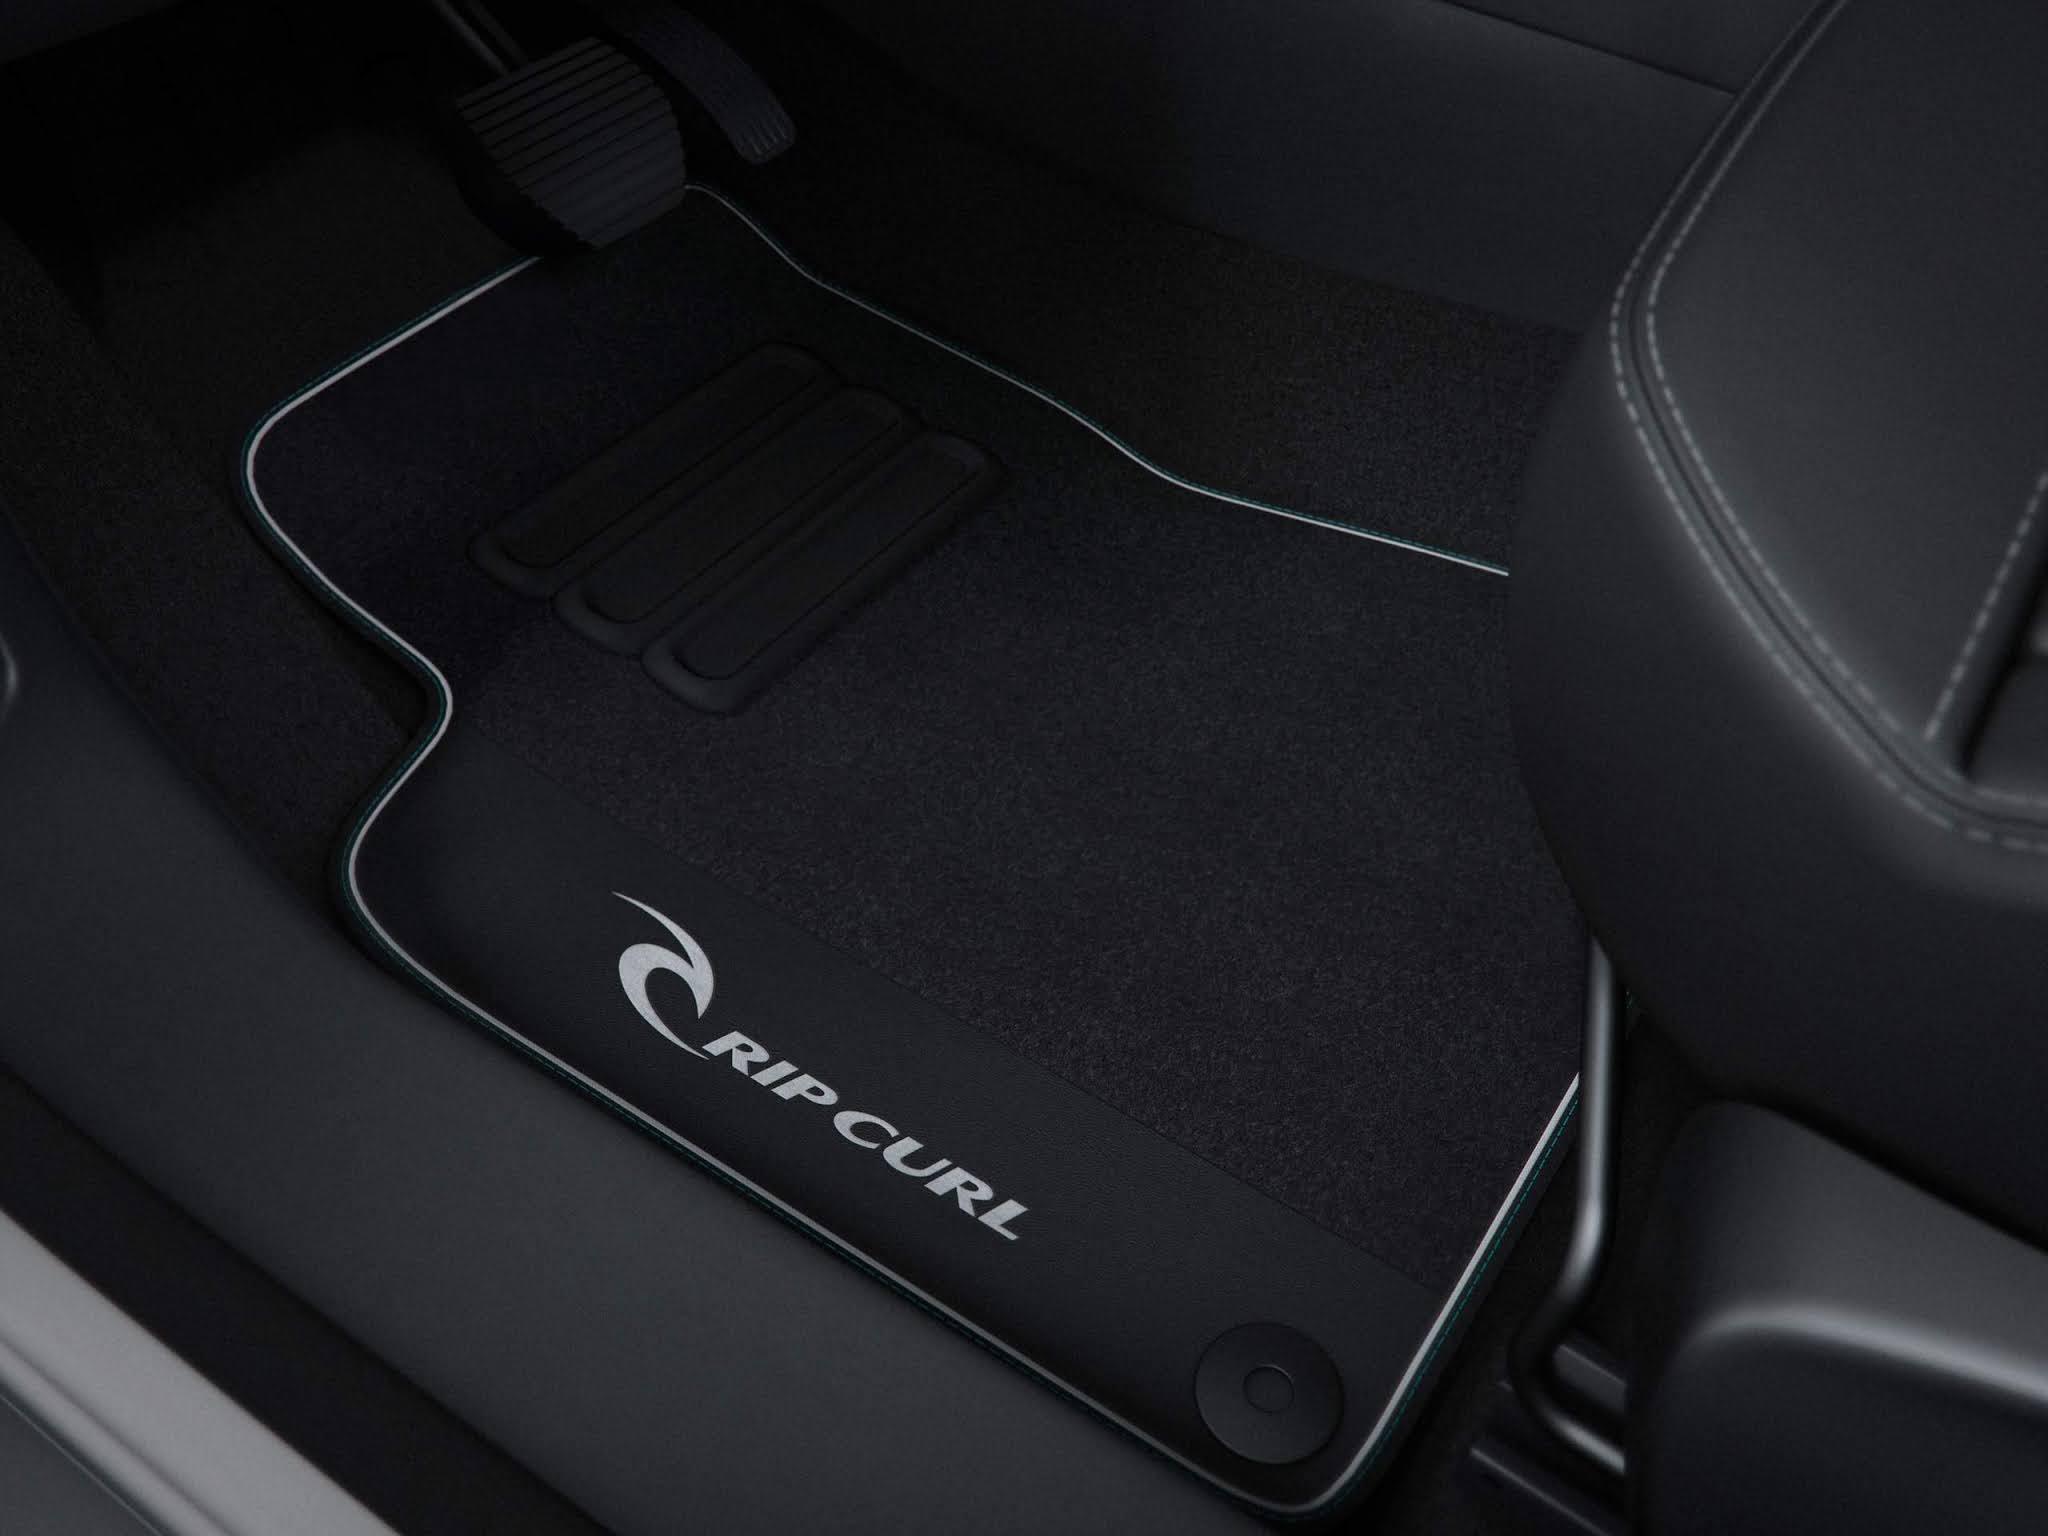 Citroën C4 Cactus edição especial será exibido no Rip Curl Grom Search